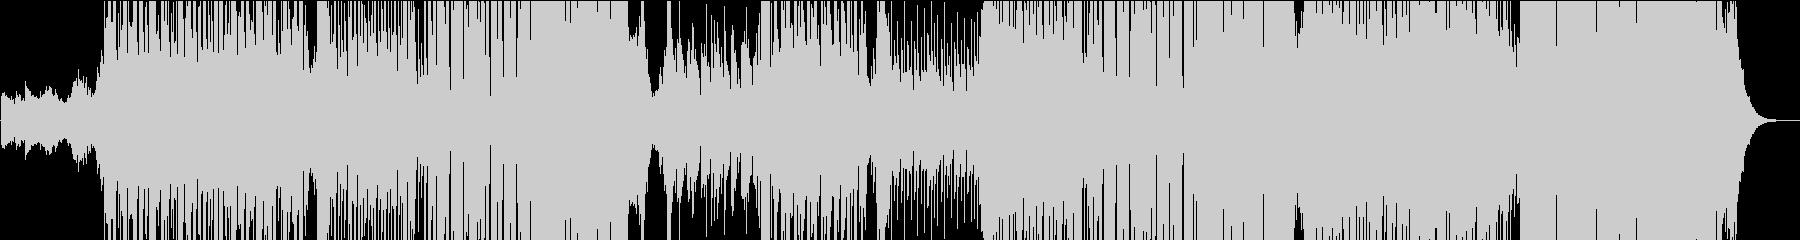 R&B系の切ないメロディの和風EDMの未再生の波形